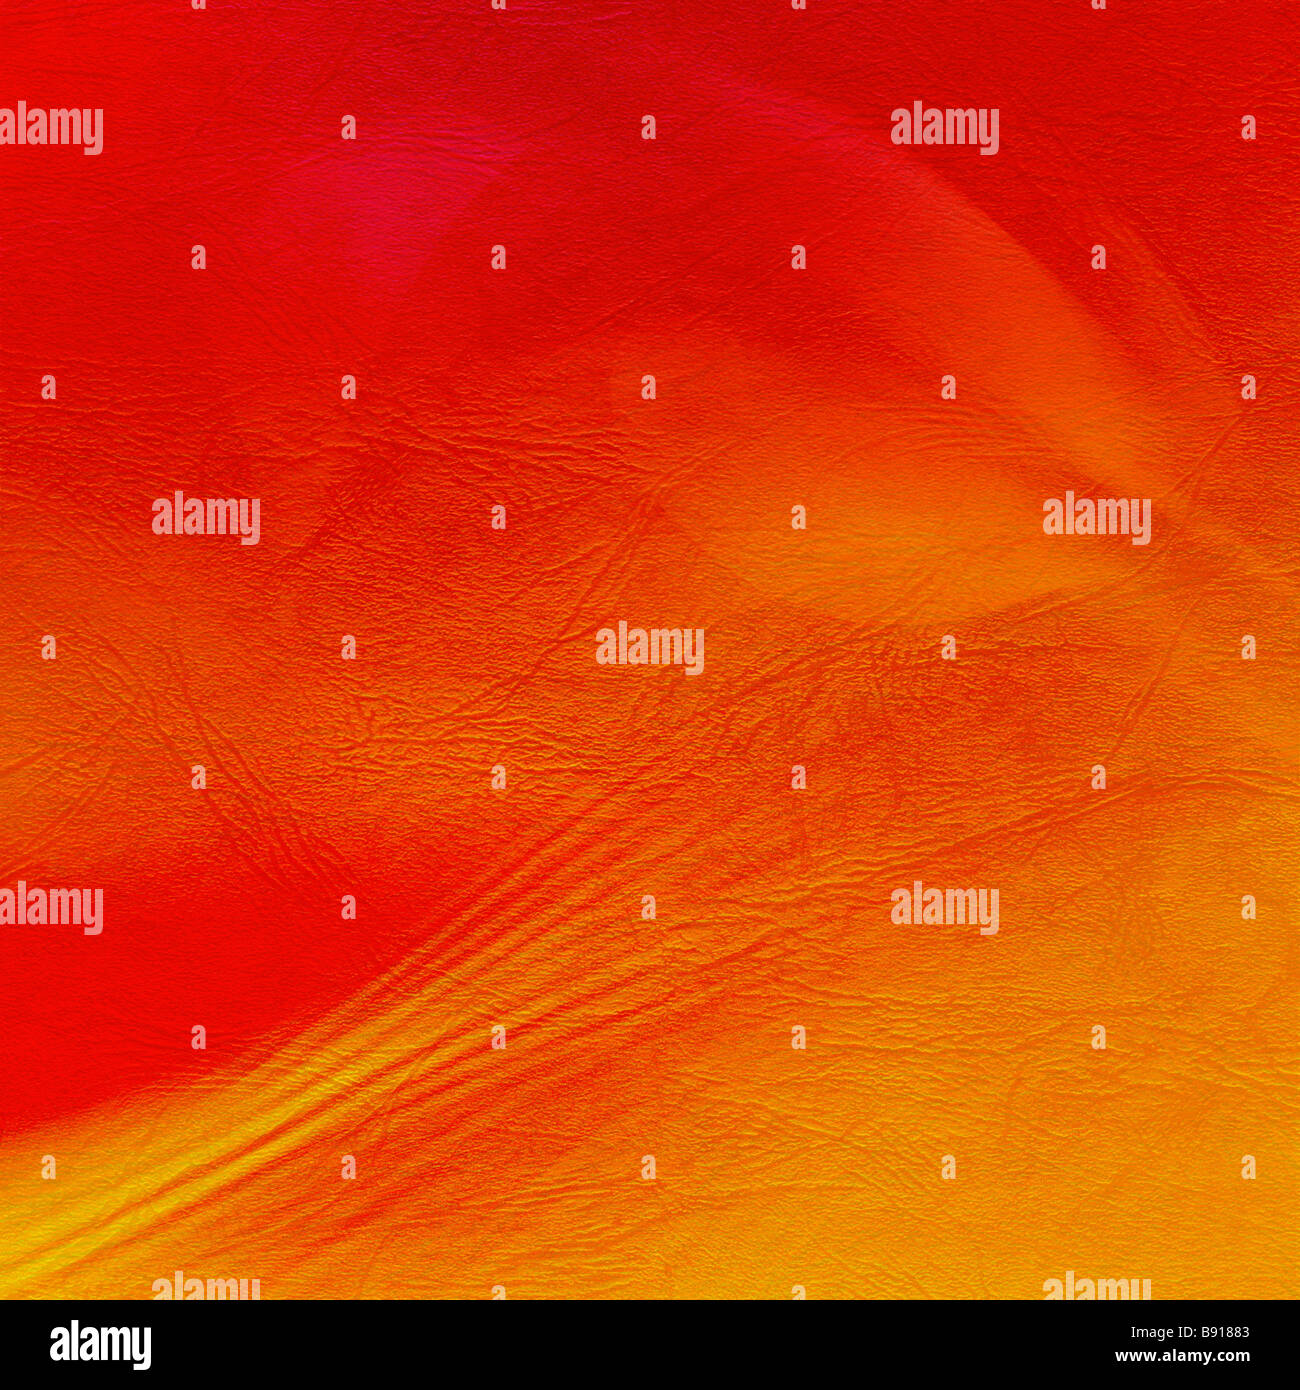 Antecedentes. La textura de la piel en color rojo Imagen De Stock